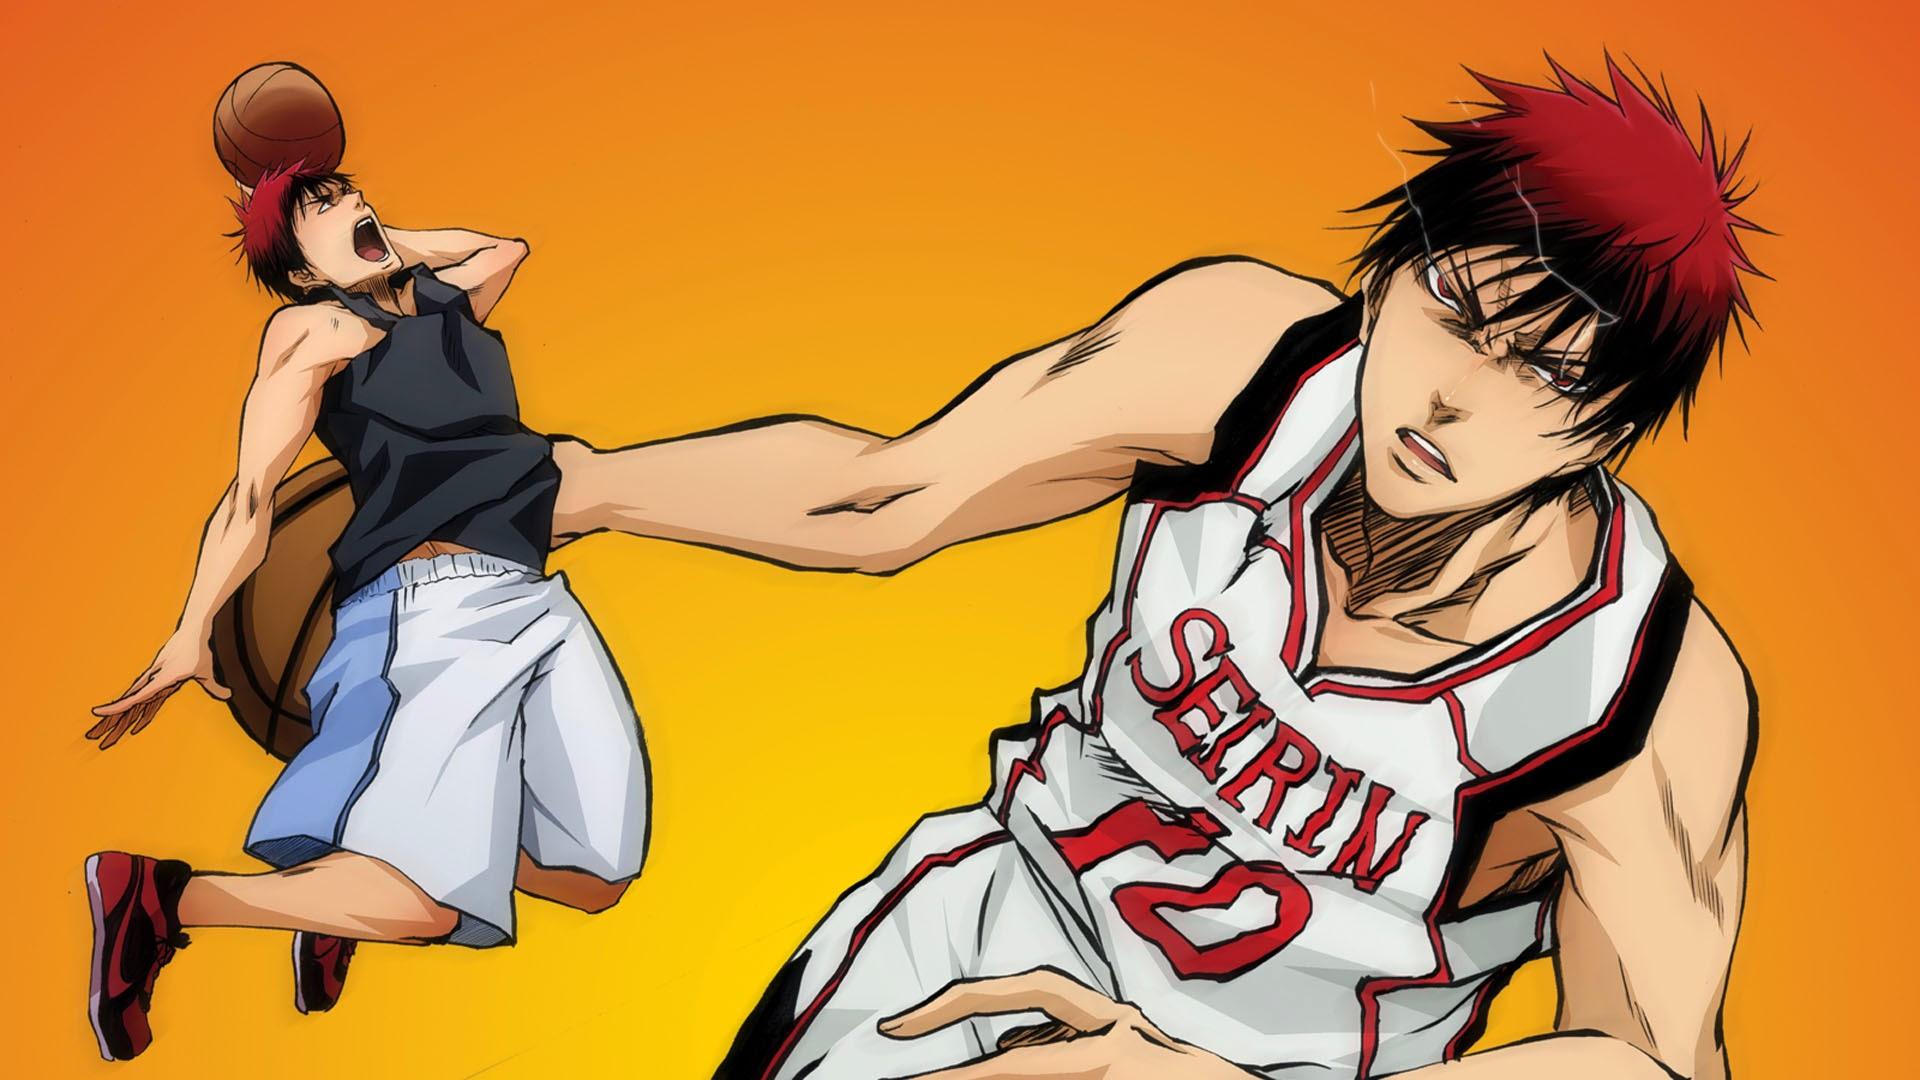 Taiga kagami image picture kuroko s basketball kuroko no basuke anime